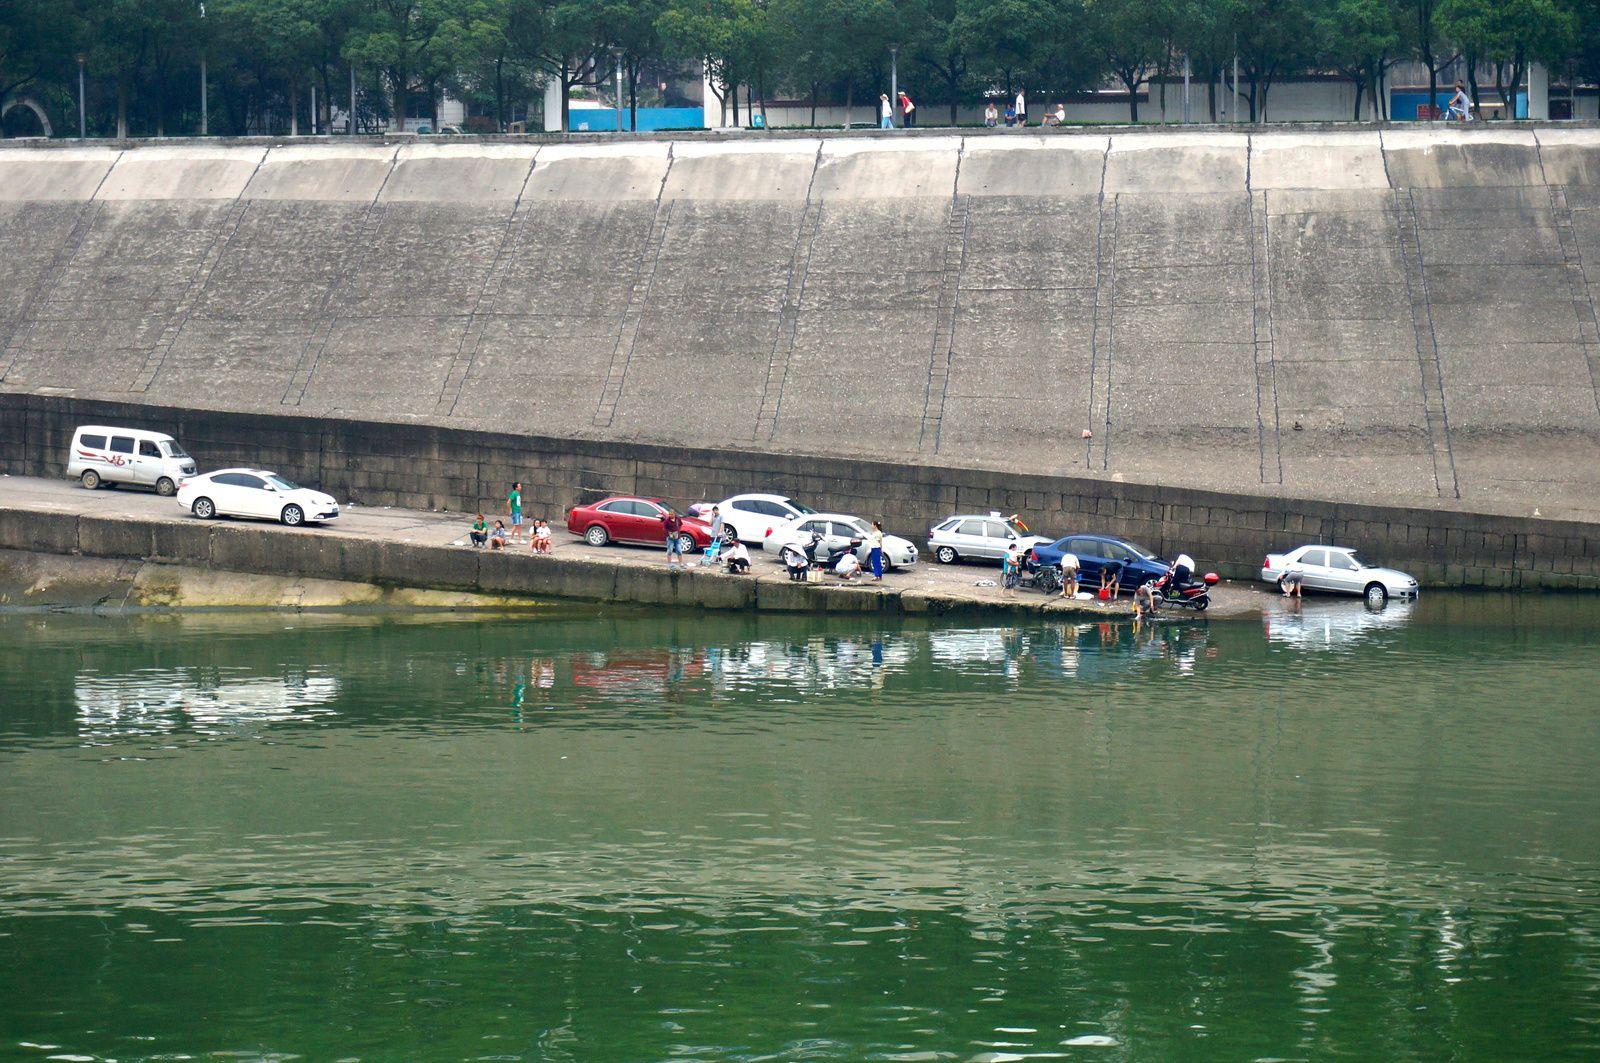 Pêche, nage, photo, lavage de voitures...